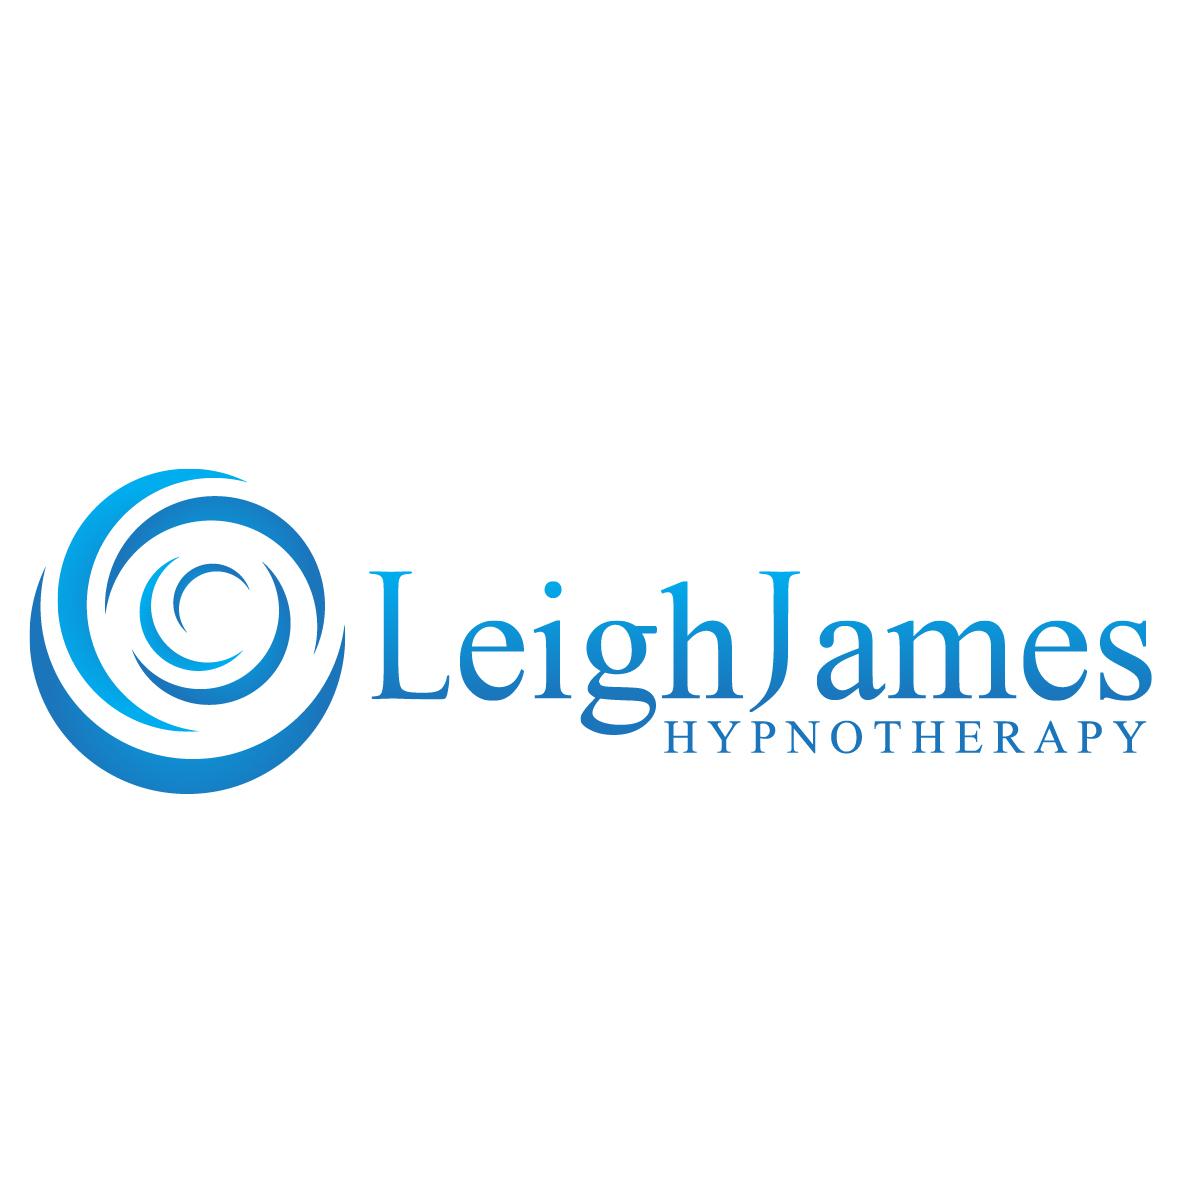 Hypnotherapist Logo Design